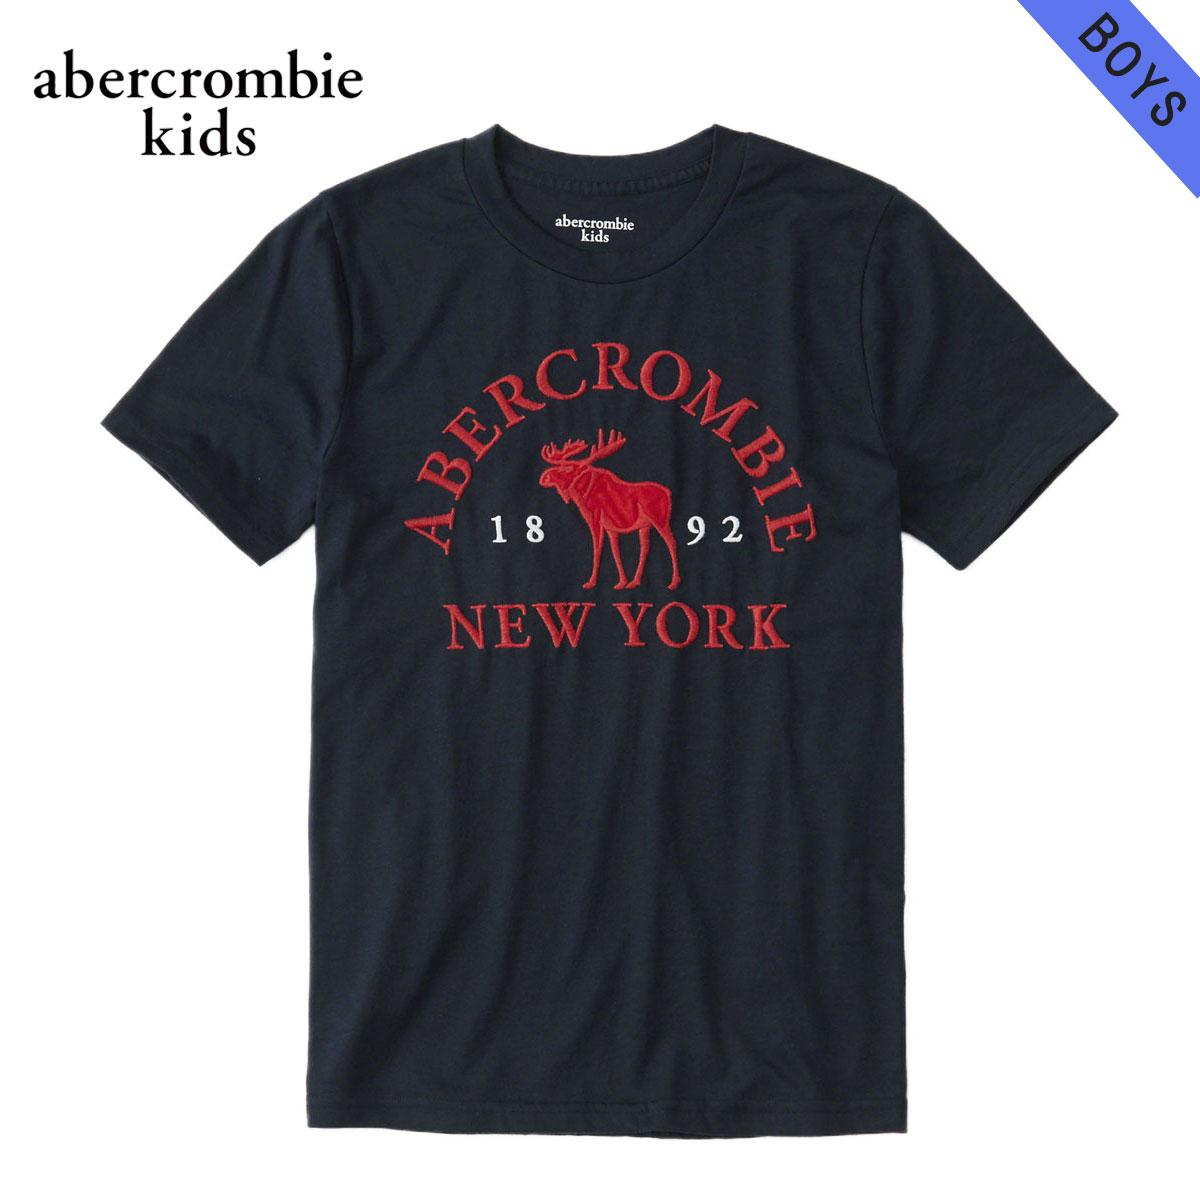 アバクロキッズ AbercrombieKids 正規品 子供服 ボーイズ 半袖ロゴTシャツ logo graphic tee 223-616-0086-023